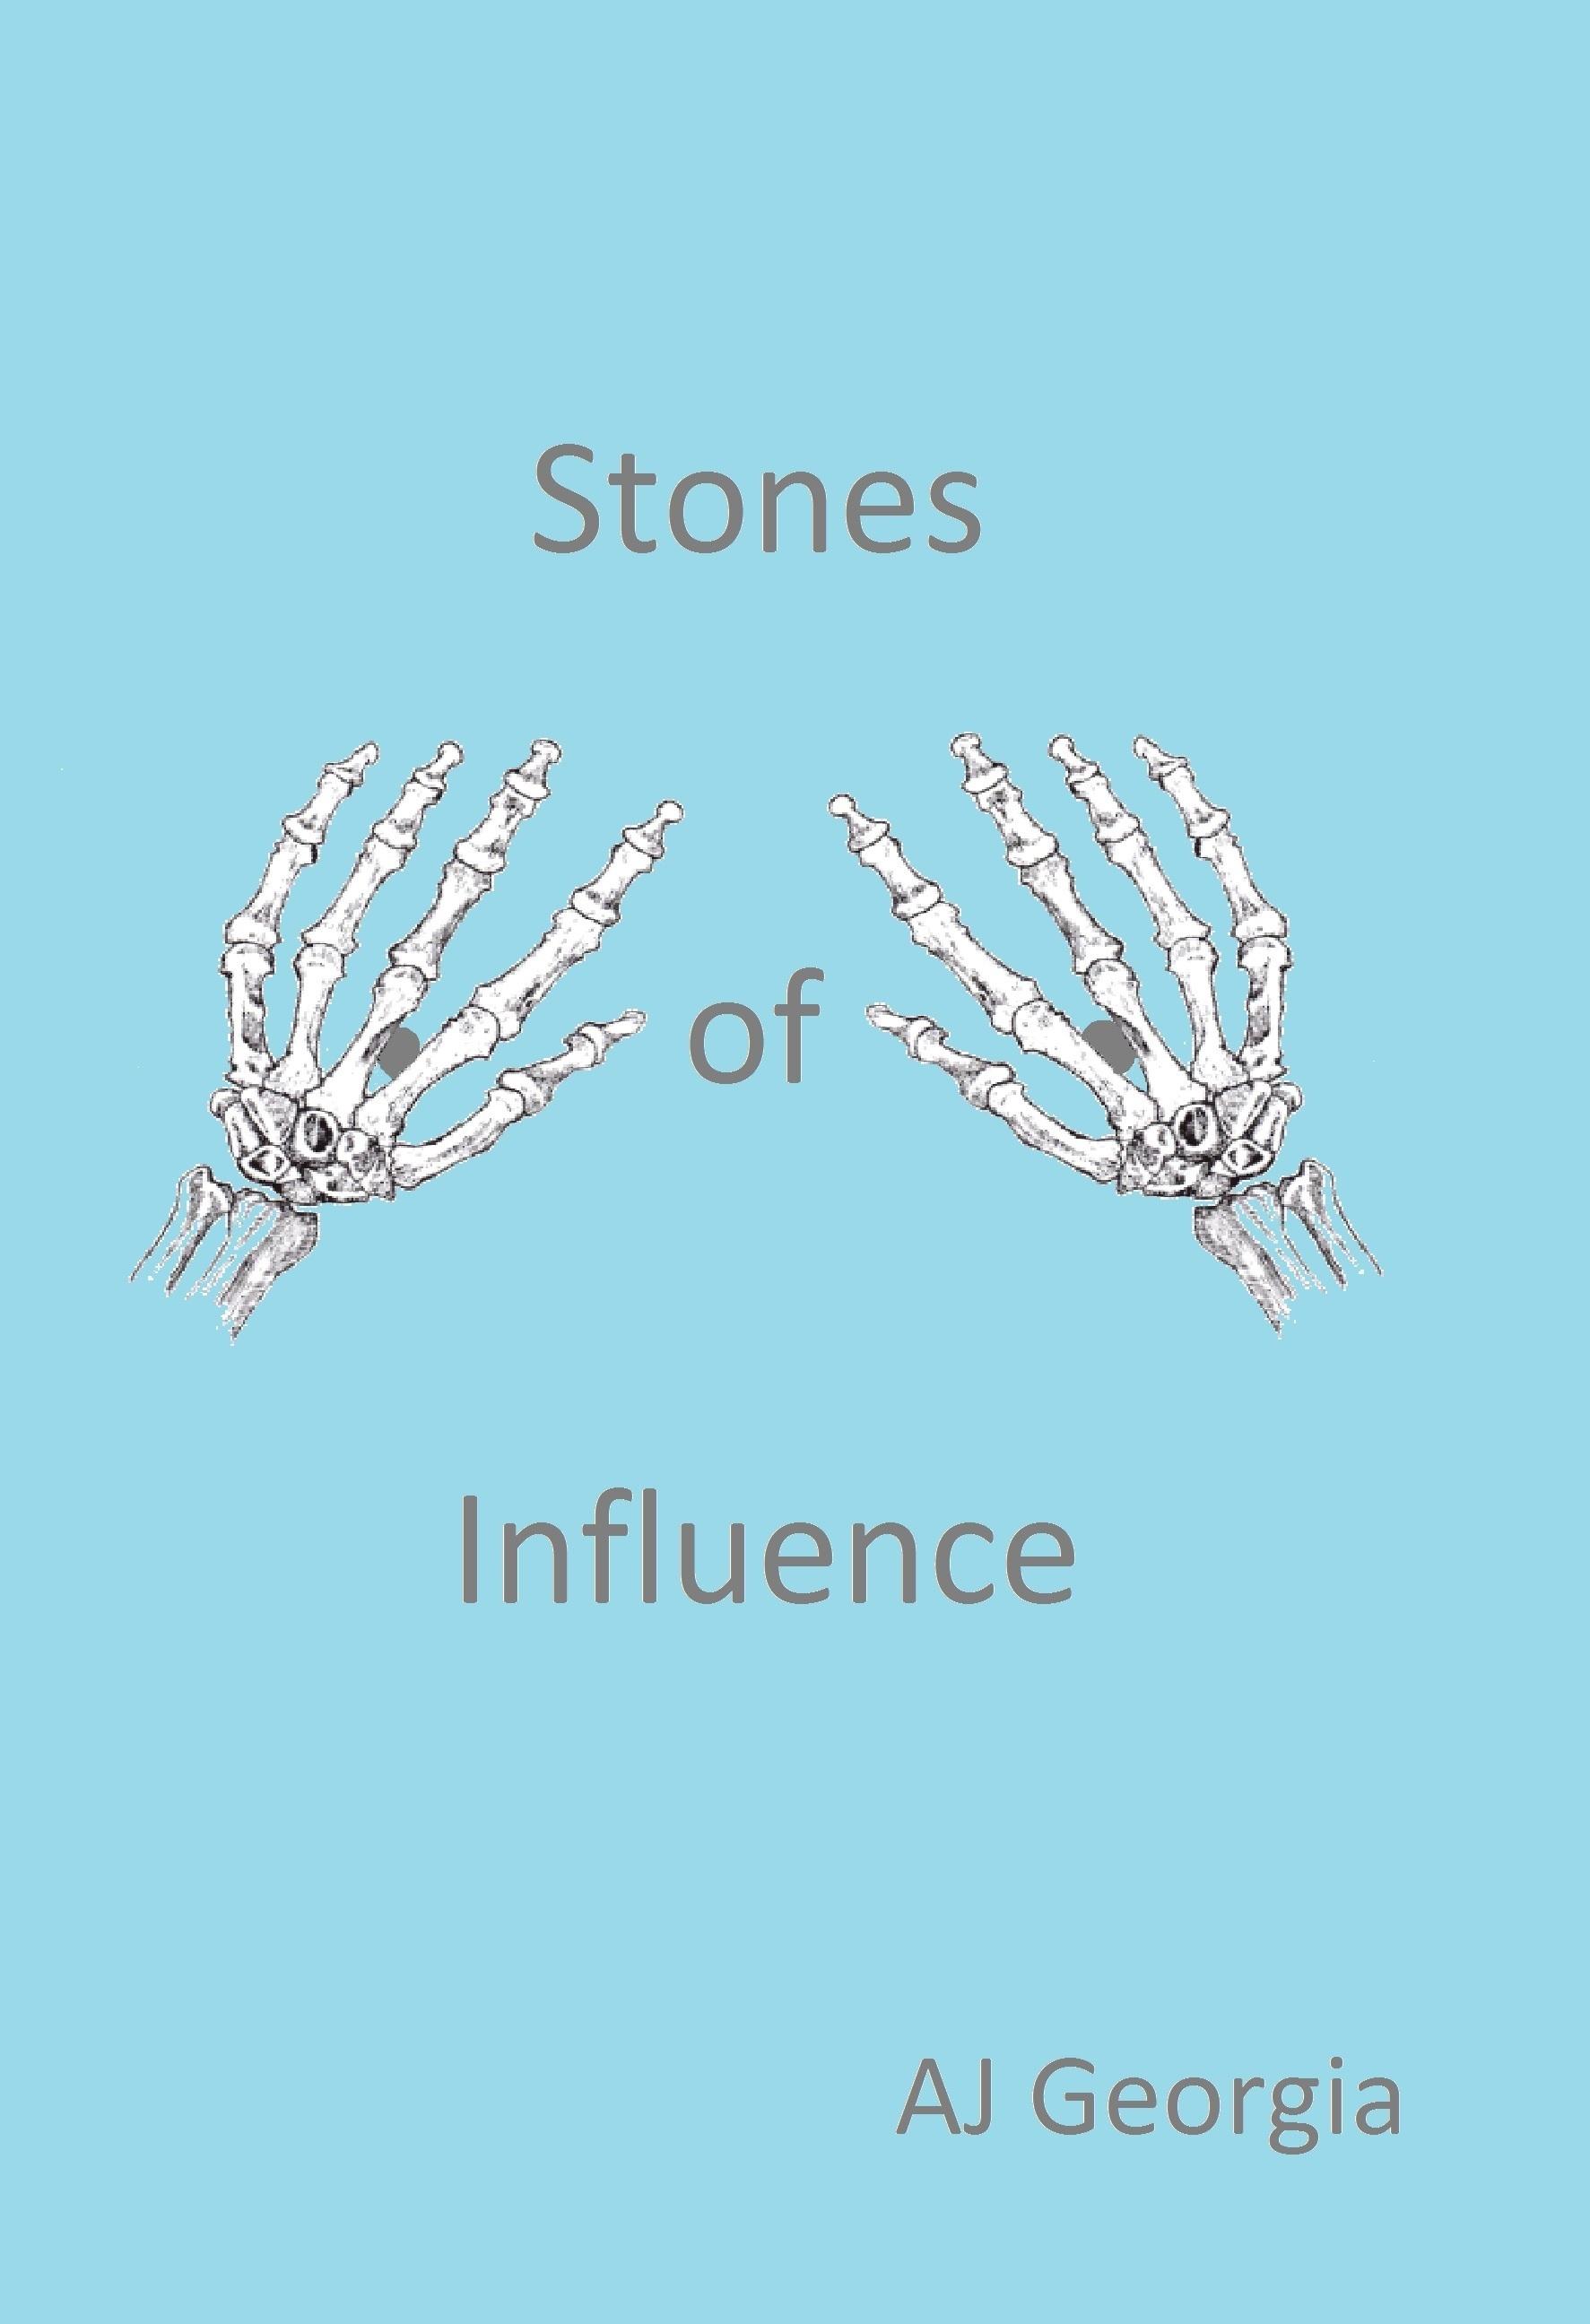 Stones of Influence A.J. Georgia